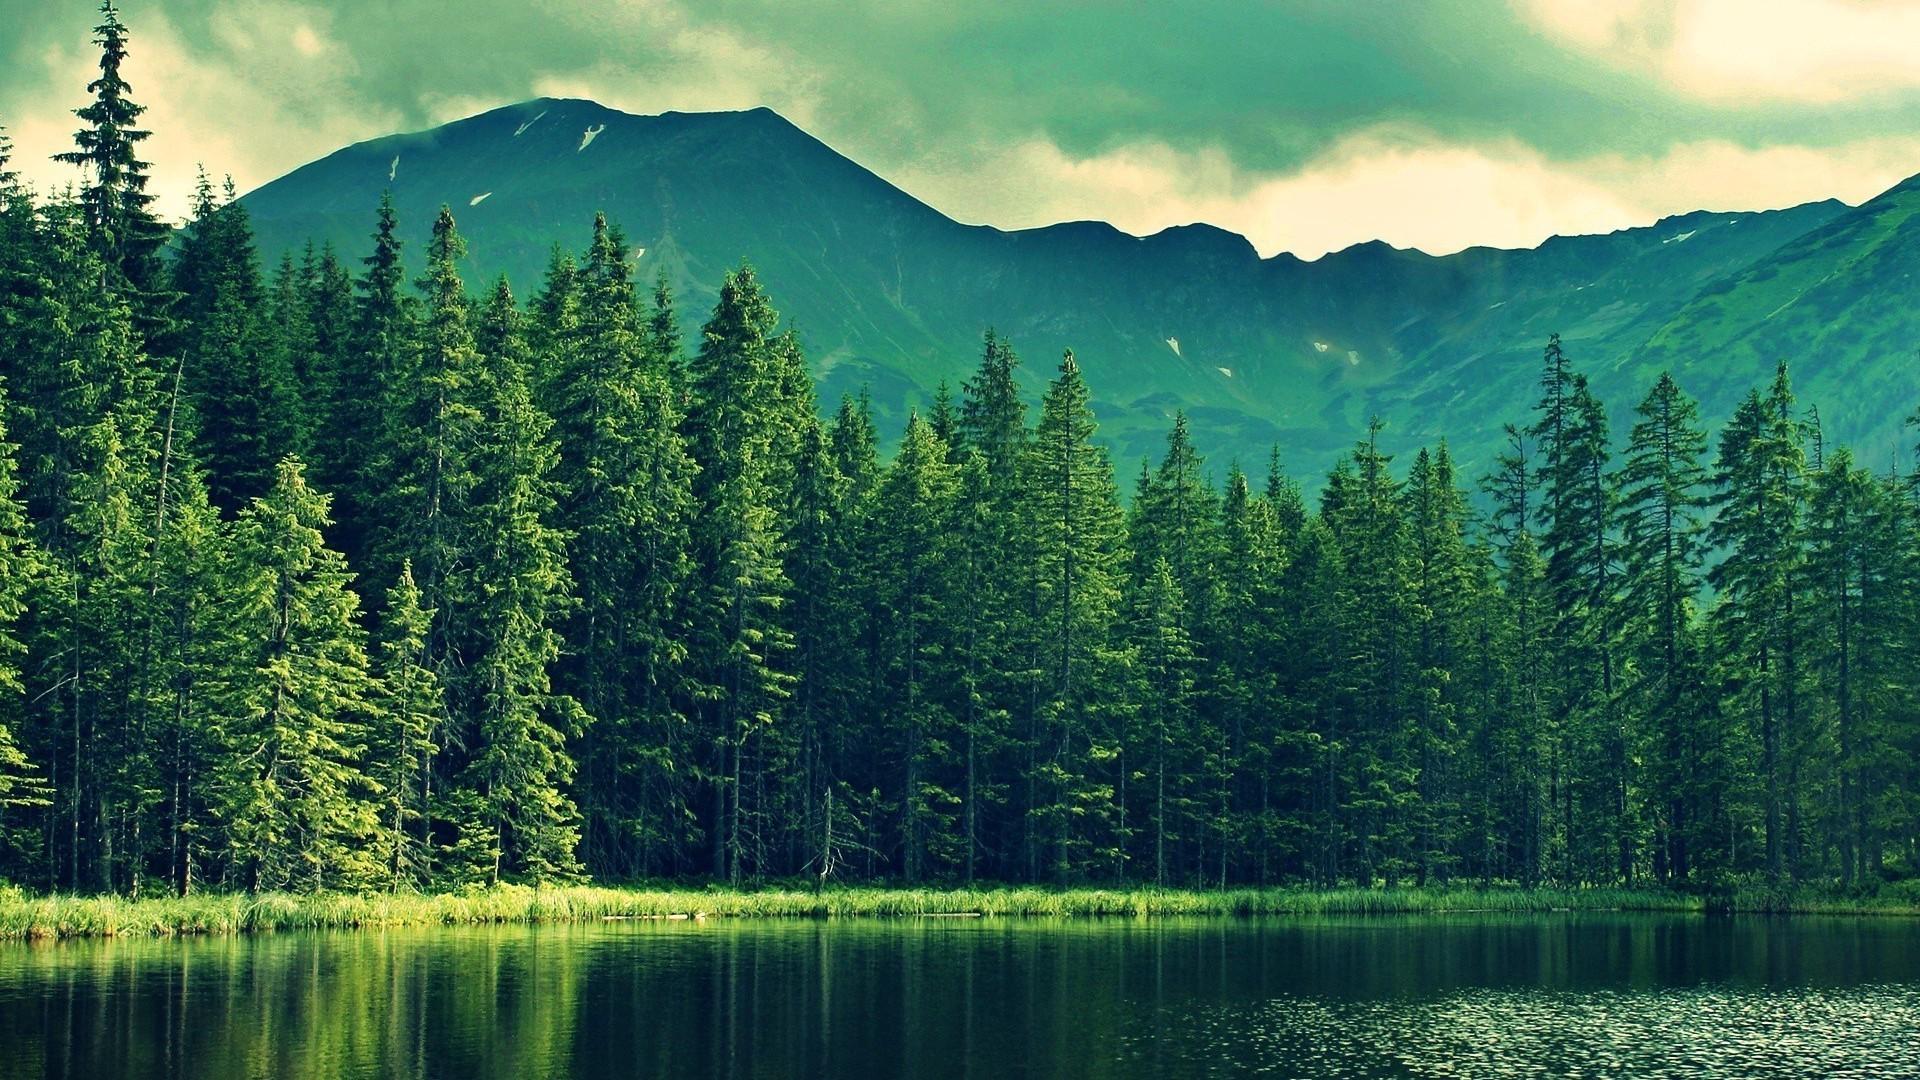 Fond d'écran : 1920x1080 px, forêt, Lac, la nature 1920x1080 - wallhaven - 1045037 - Fond d ...